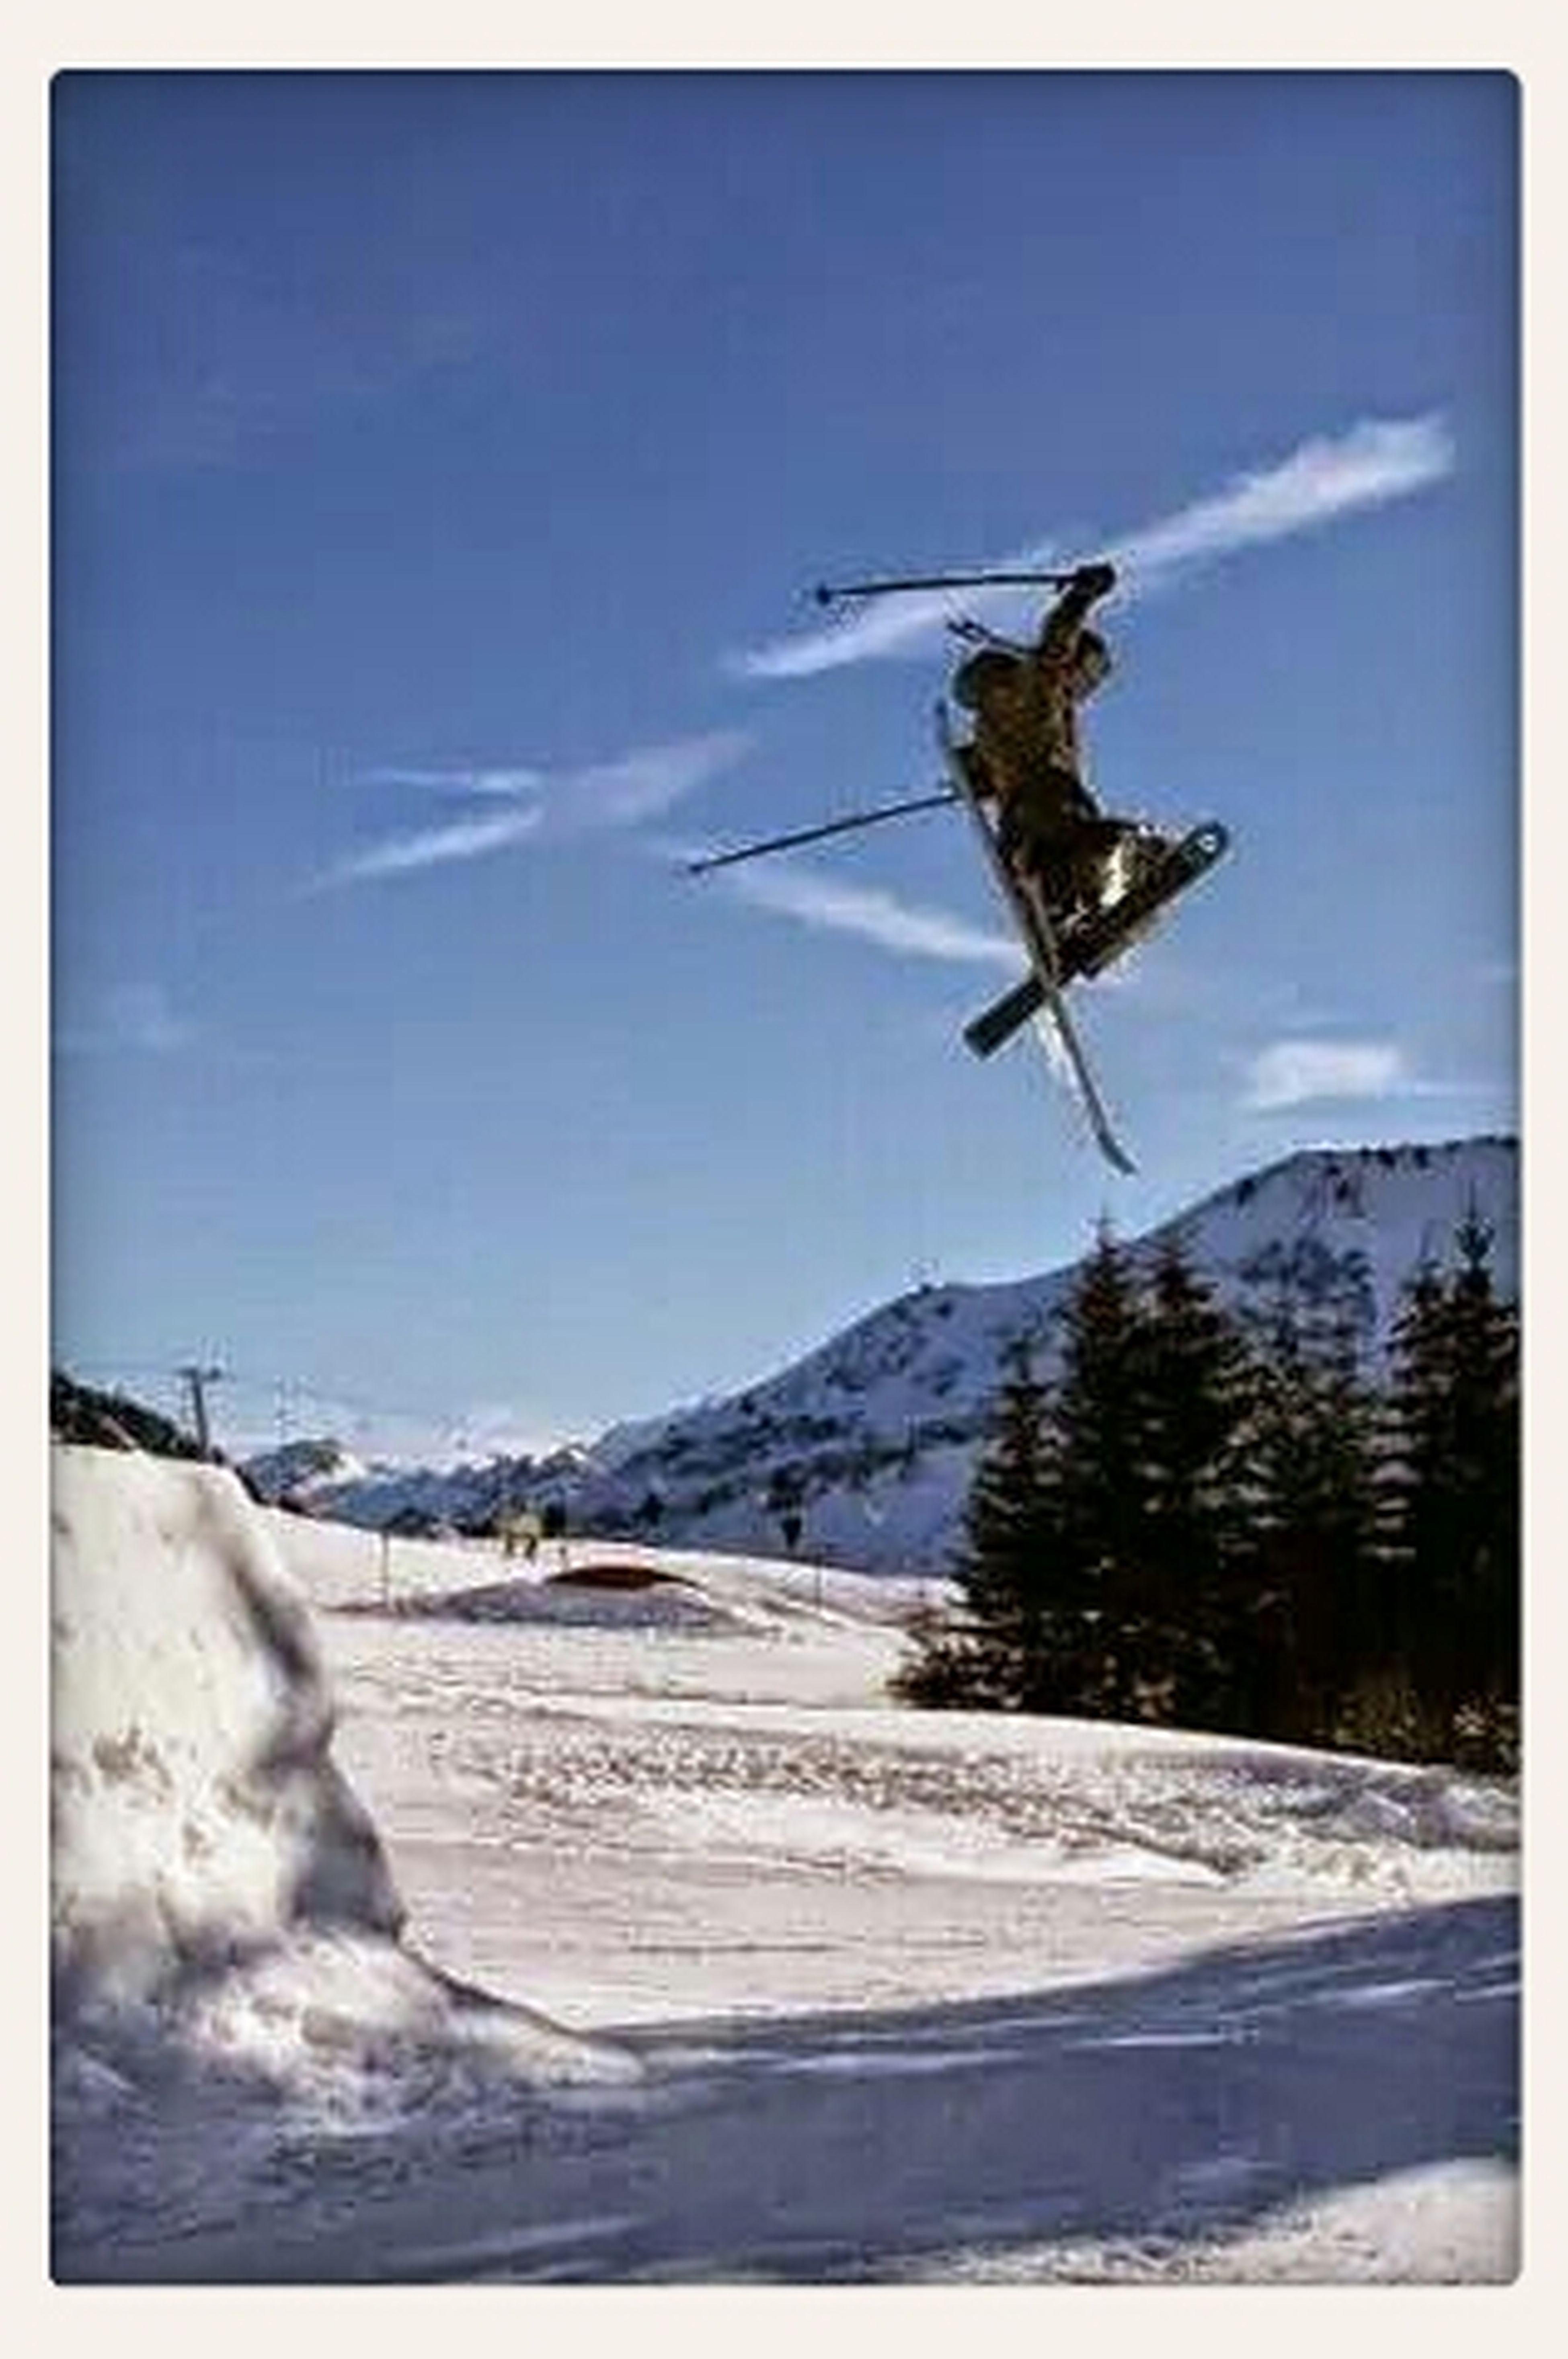 Snow ❄ Ski Trip Freedom Sports